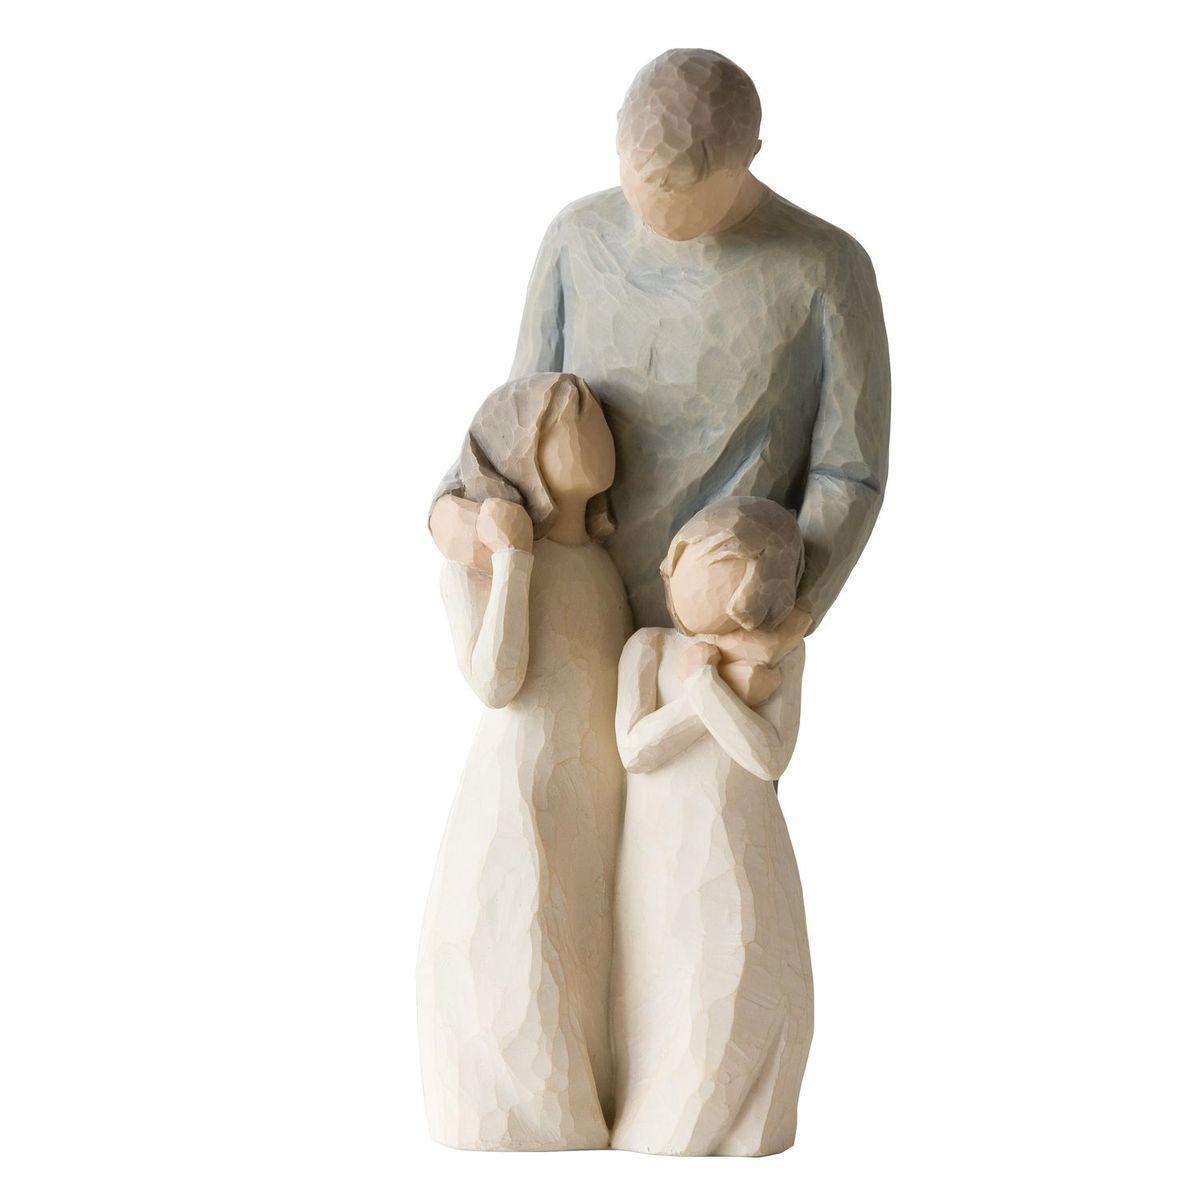 Фигурка Willow Tree Мои девочки, 20,5 см26232Эти прекрасные статуэтки созданы канадским скульптором Сьюзан Лорди. Каждая фигурка – это настоящее произведение искусства, образная скульптура в миниатюре, изображающая эмоции и чувства, которые помогают нам чувствовать себя ближе к другим, верить в мечту, выражать любовь. Каждая фигурка помещена в красивую упаковку. Купить такой оригинальный подарок, значит не только украсить интерьер помещения или жилой комнаты, но выразить свое глубокое отношение к любимому человеку. Этот прекрасный сувенир будет лучшим подарком на день ангела, именины, день рождения, юбилей. Материал: Искусственный камень (49% карбонат кальция мелкозернистой разновидности, 51% искусственный камень)